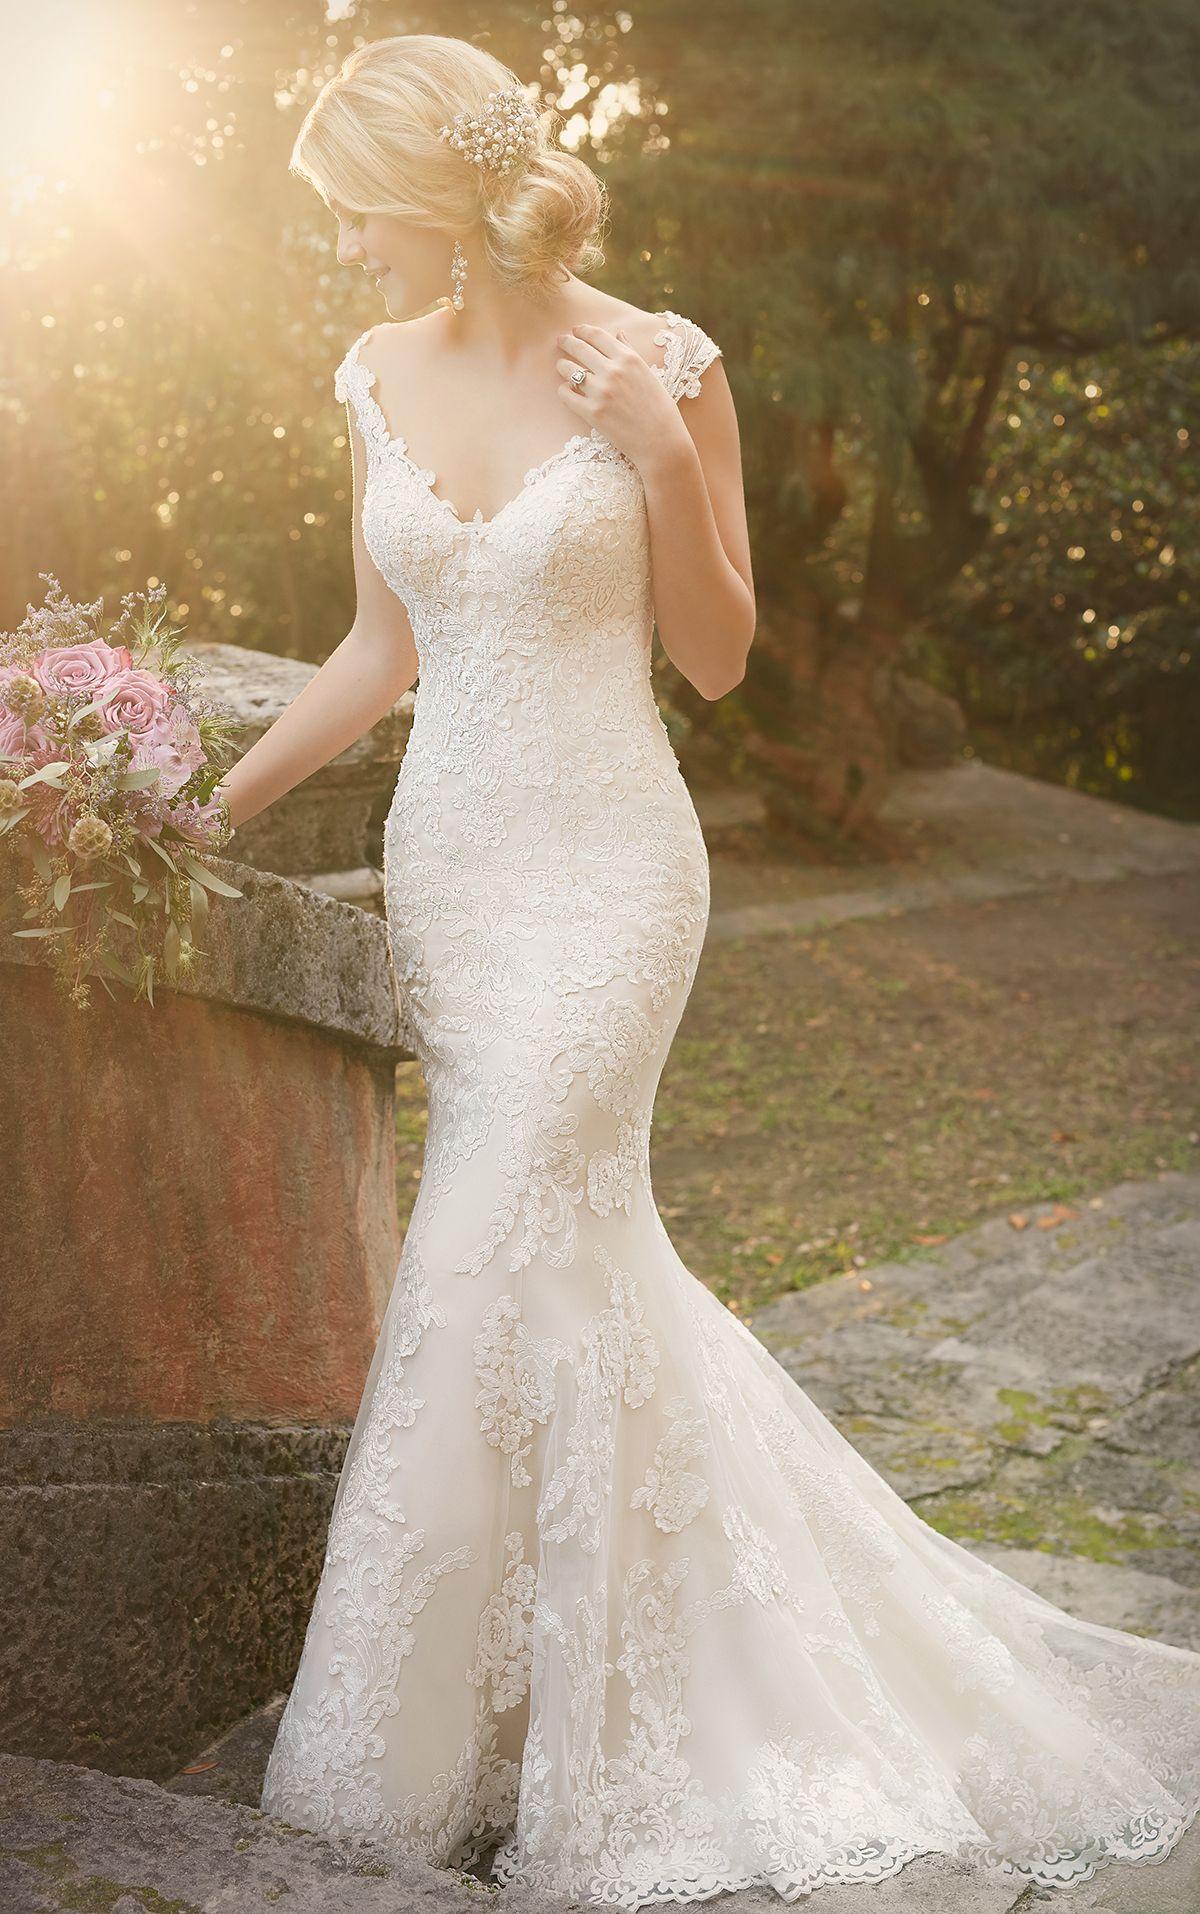 Gorgeous Satin Wedding Dress By Essense Of Australia